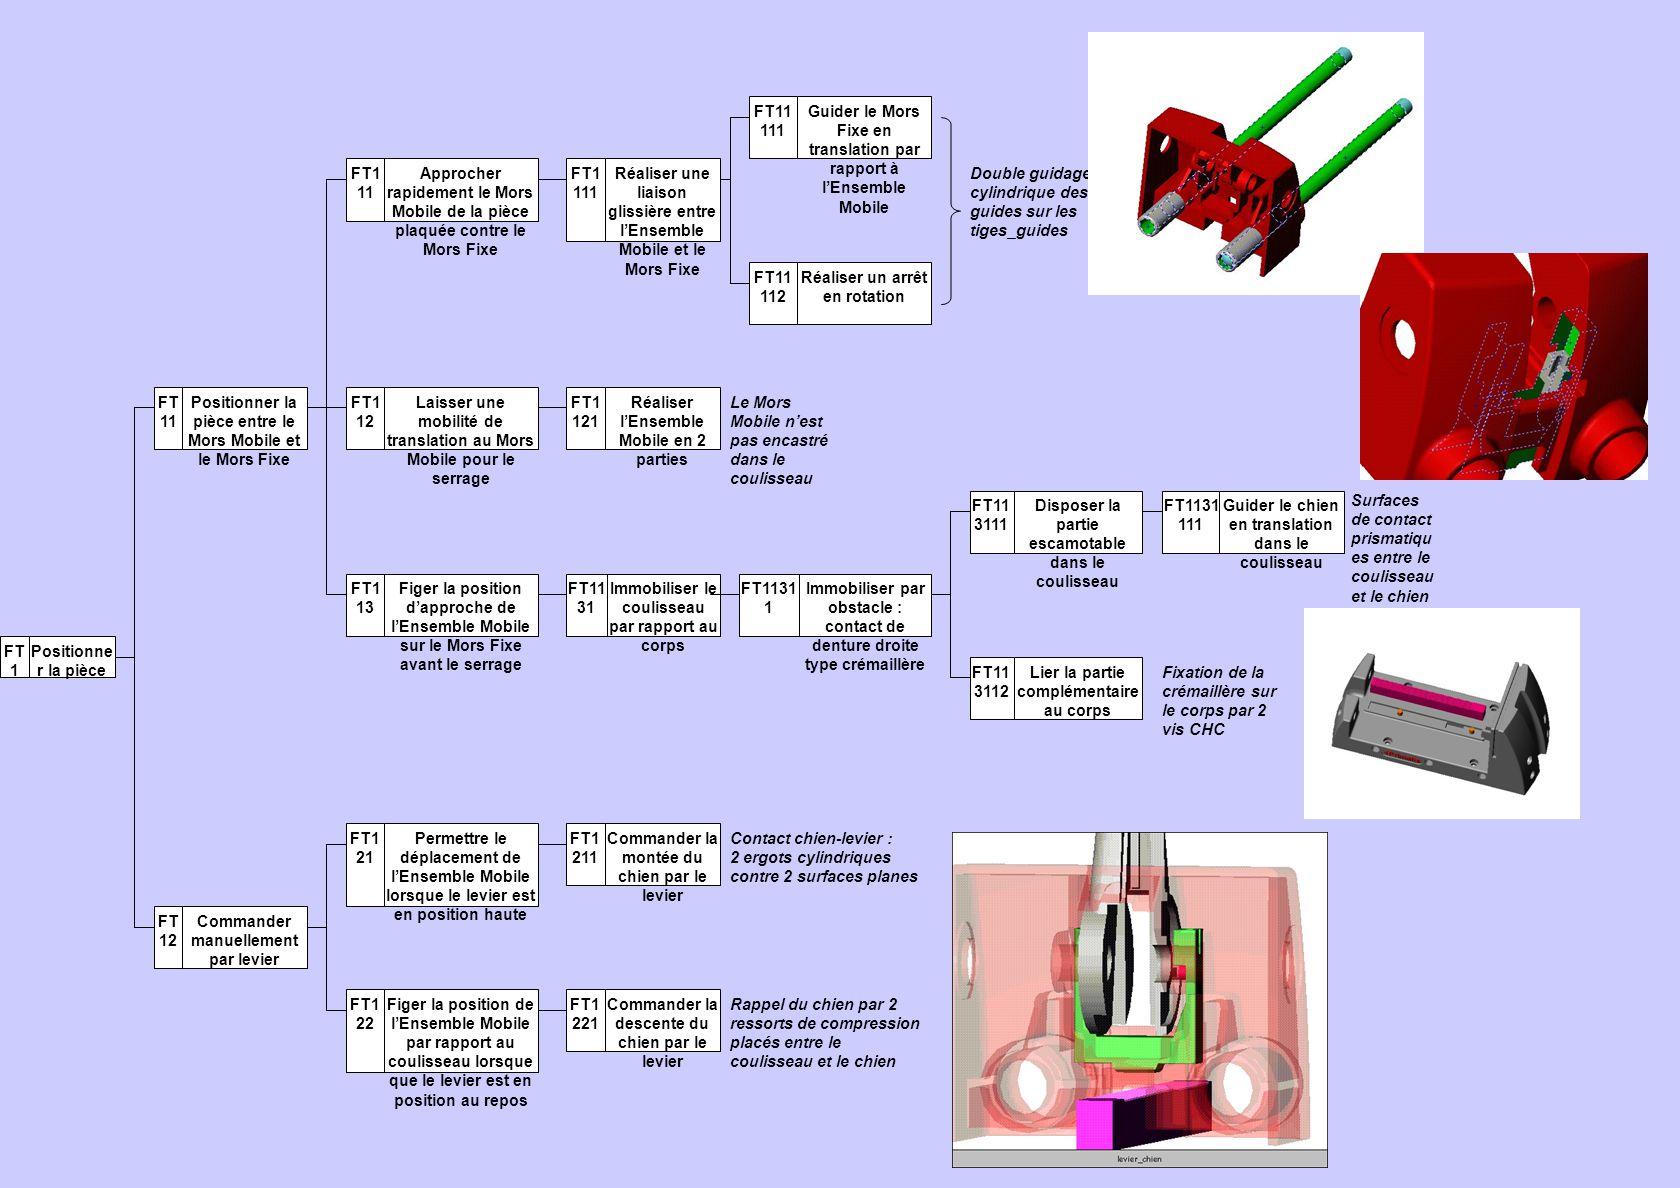 FT 1 Positionne r la pièce FT 11 Positionner la pièce entre le Mors Mobile et le Mors Fixe FT1 11 Approcher rapidement le Mors Mobile de la pièce plaq